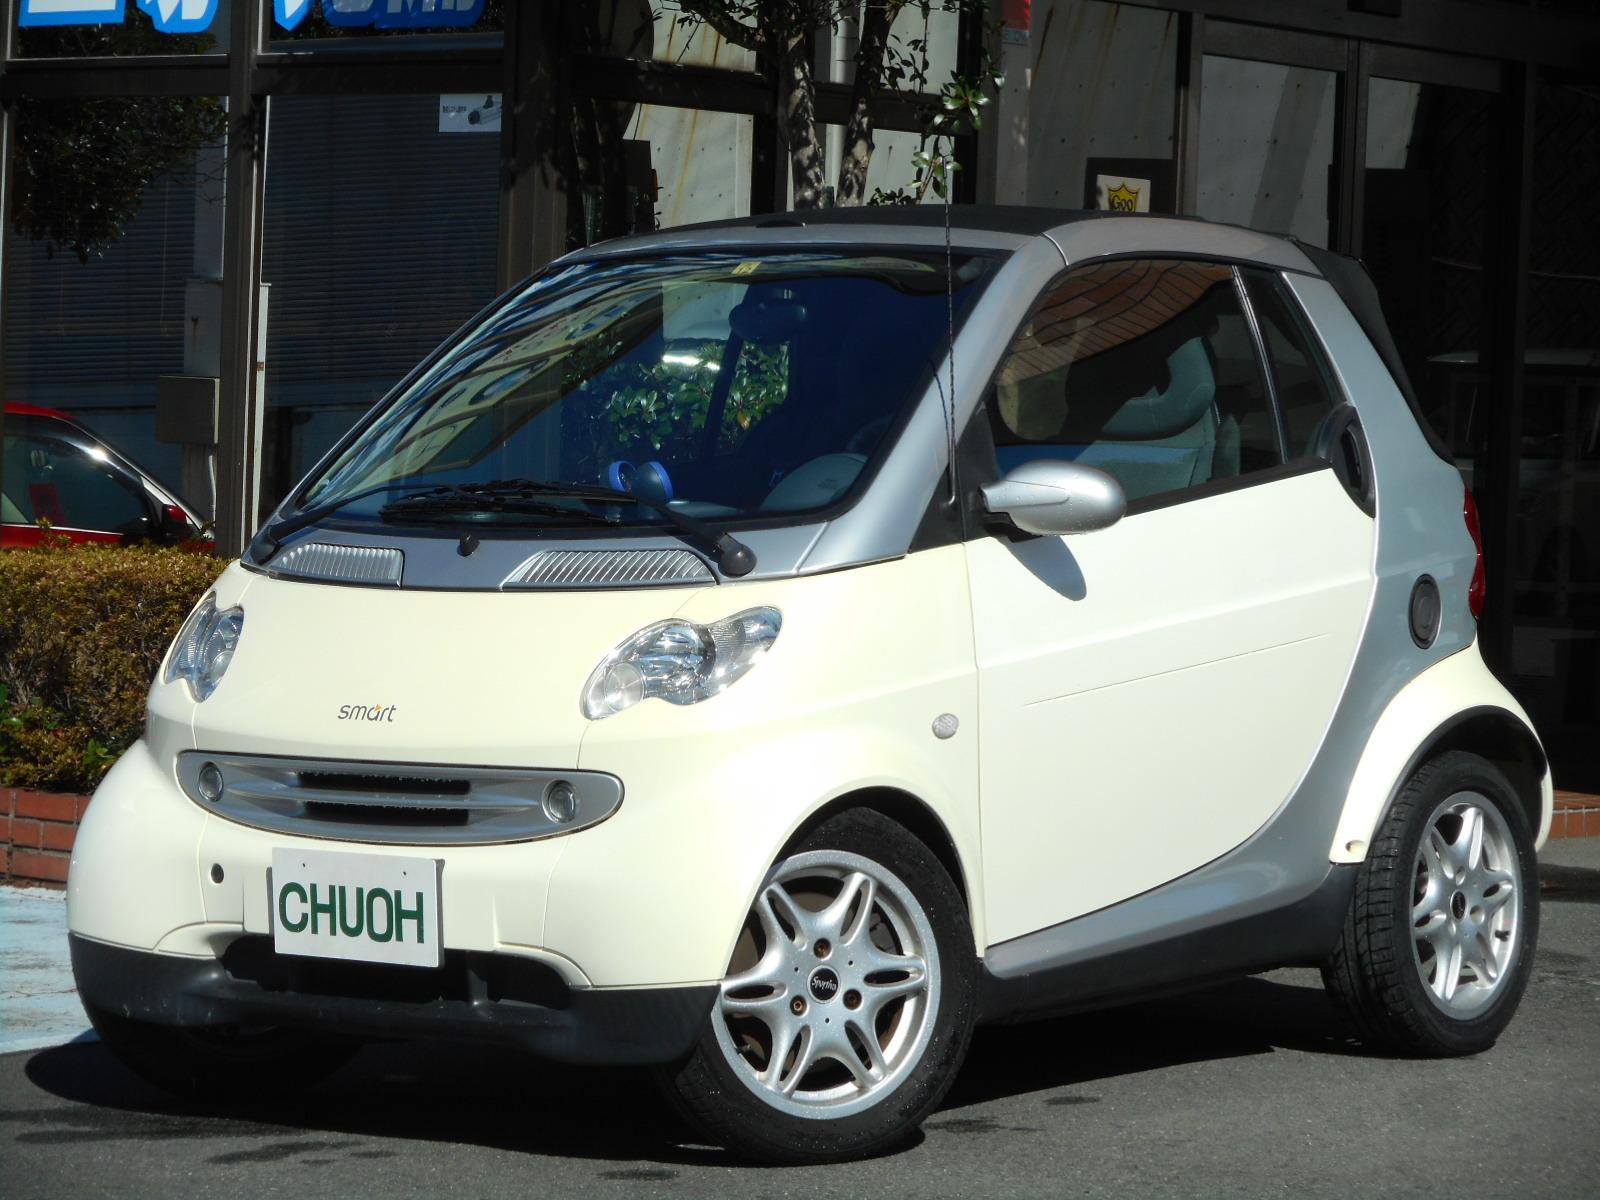 広告掲載車:スマートカブリオ_c0267693_17195348.jpg